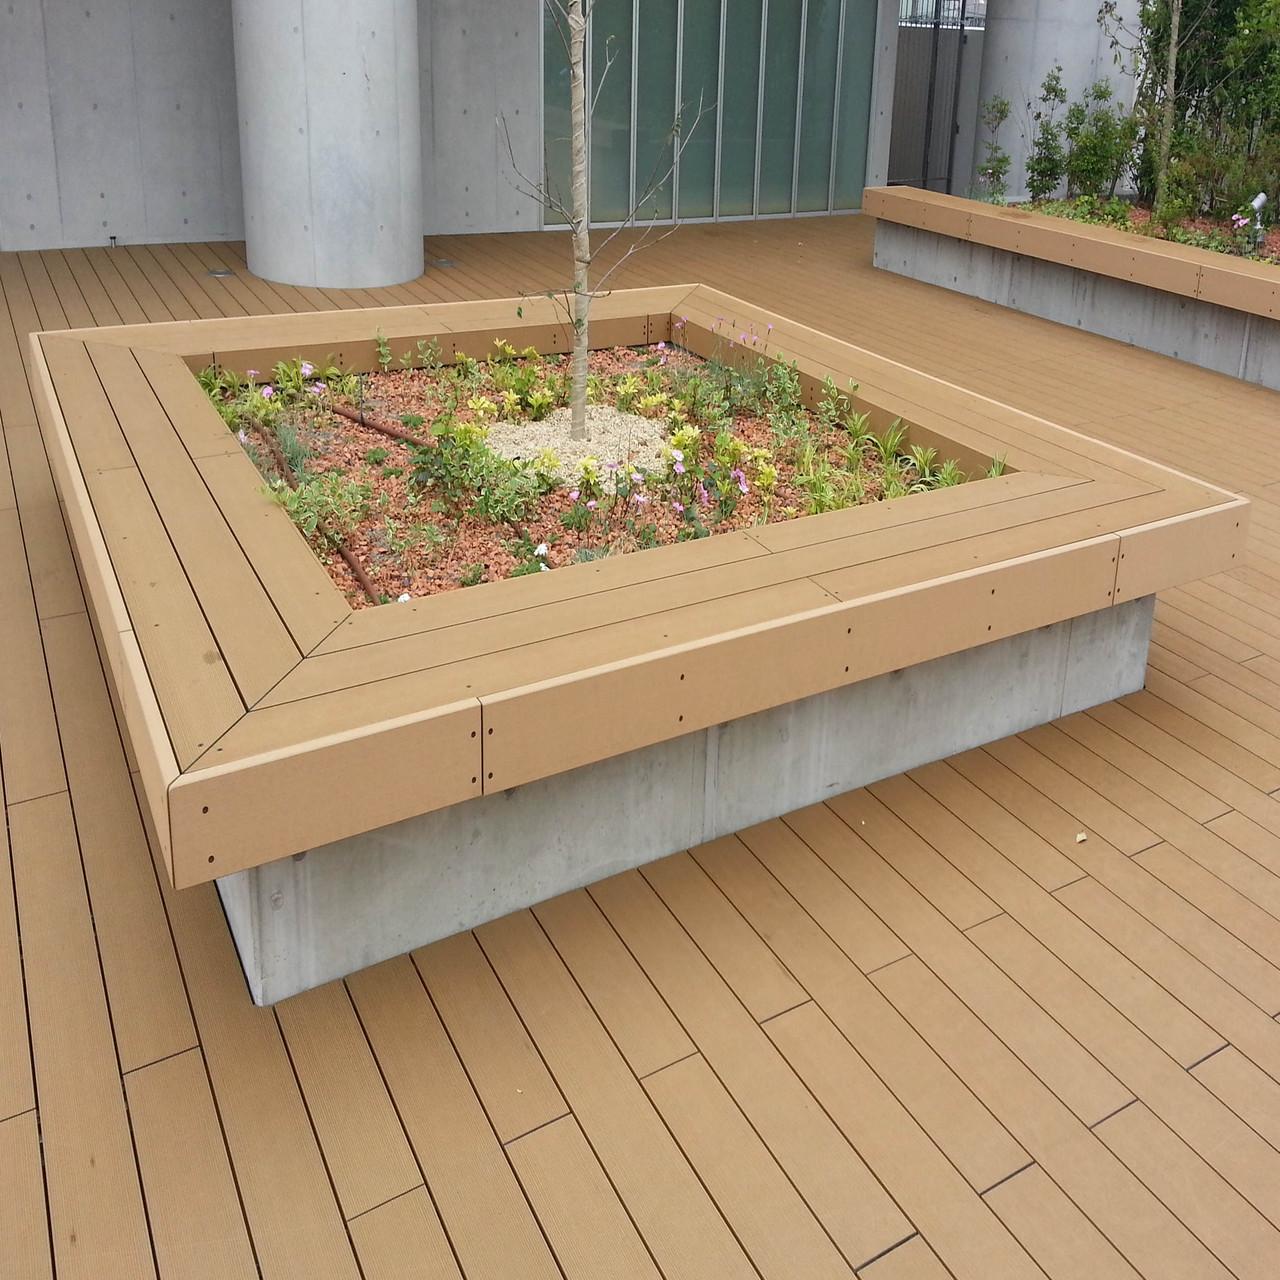 植栽廻りベンチとデッキ(アースデッキEX) 床とベンチを同材にして空間の一体感を醸し出しています